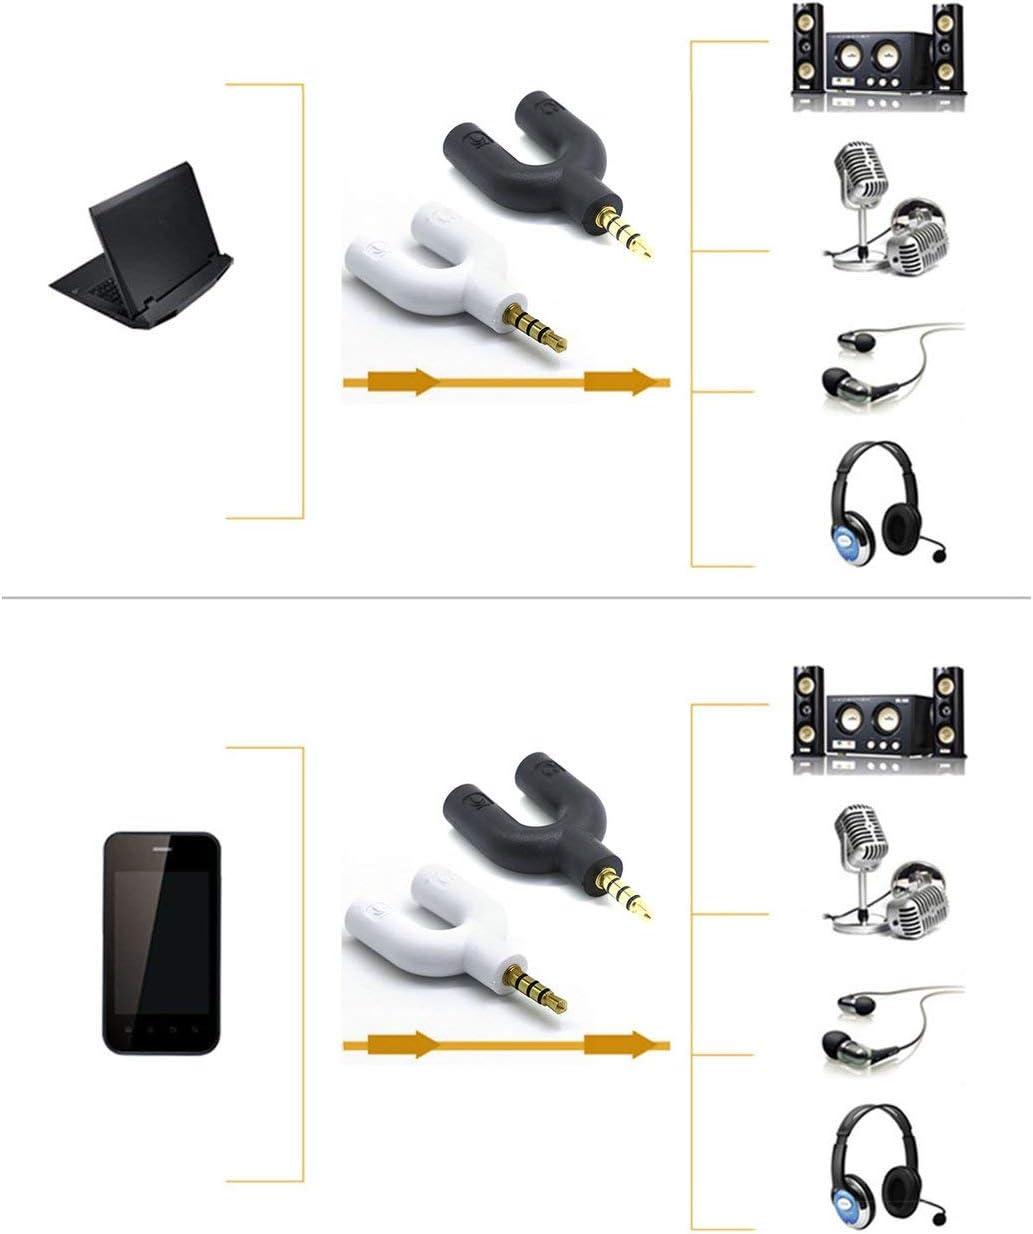 Ba30DEllylelly Divisor de micr/ófono para Auriculares Divisor de Audio de 3,5 mm Conector en U para micr/ófono de Auriculares Adaptador convertidor Divisor en U de 2 v/ías